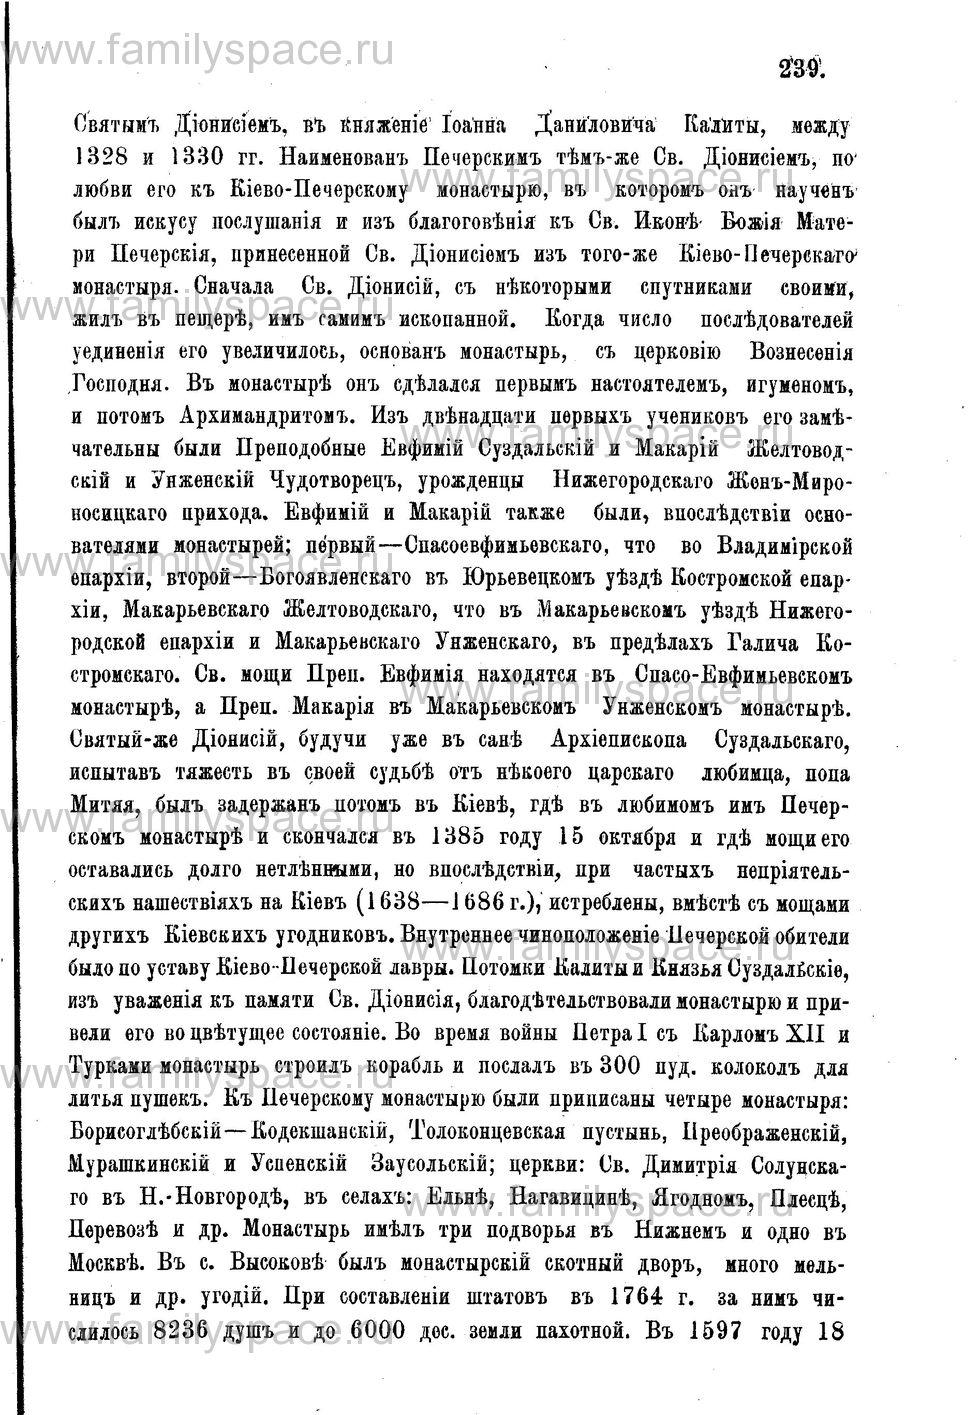 Поиск по фамилии - Адрес-календарь Нижегородской епархии на 1888 год, страница 1239